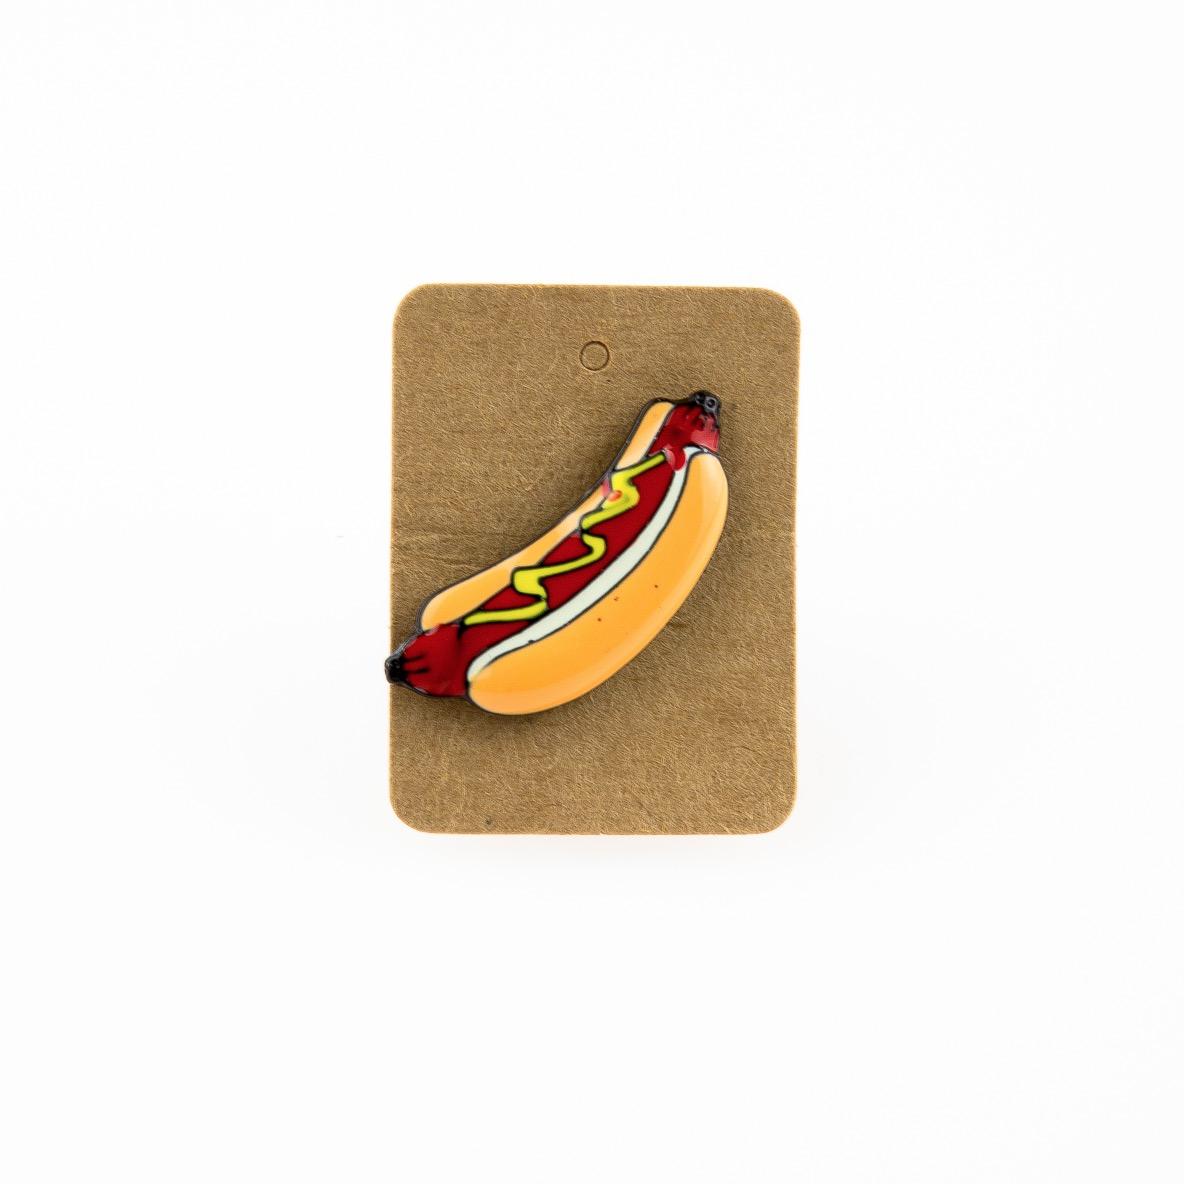 Metal Hot Dog Enamel Pin Badge